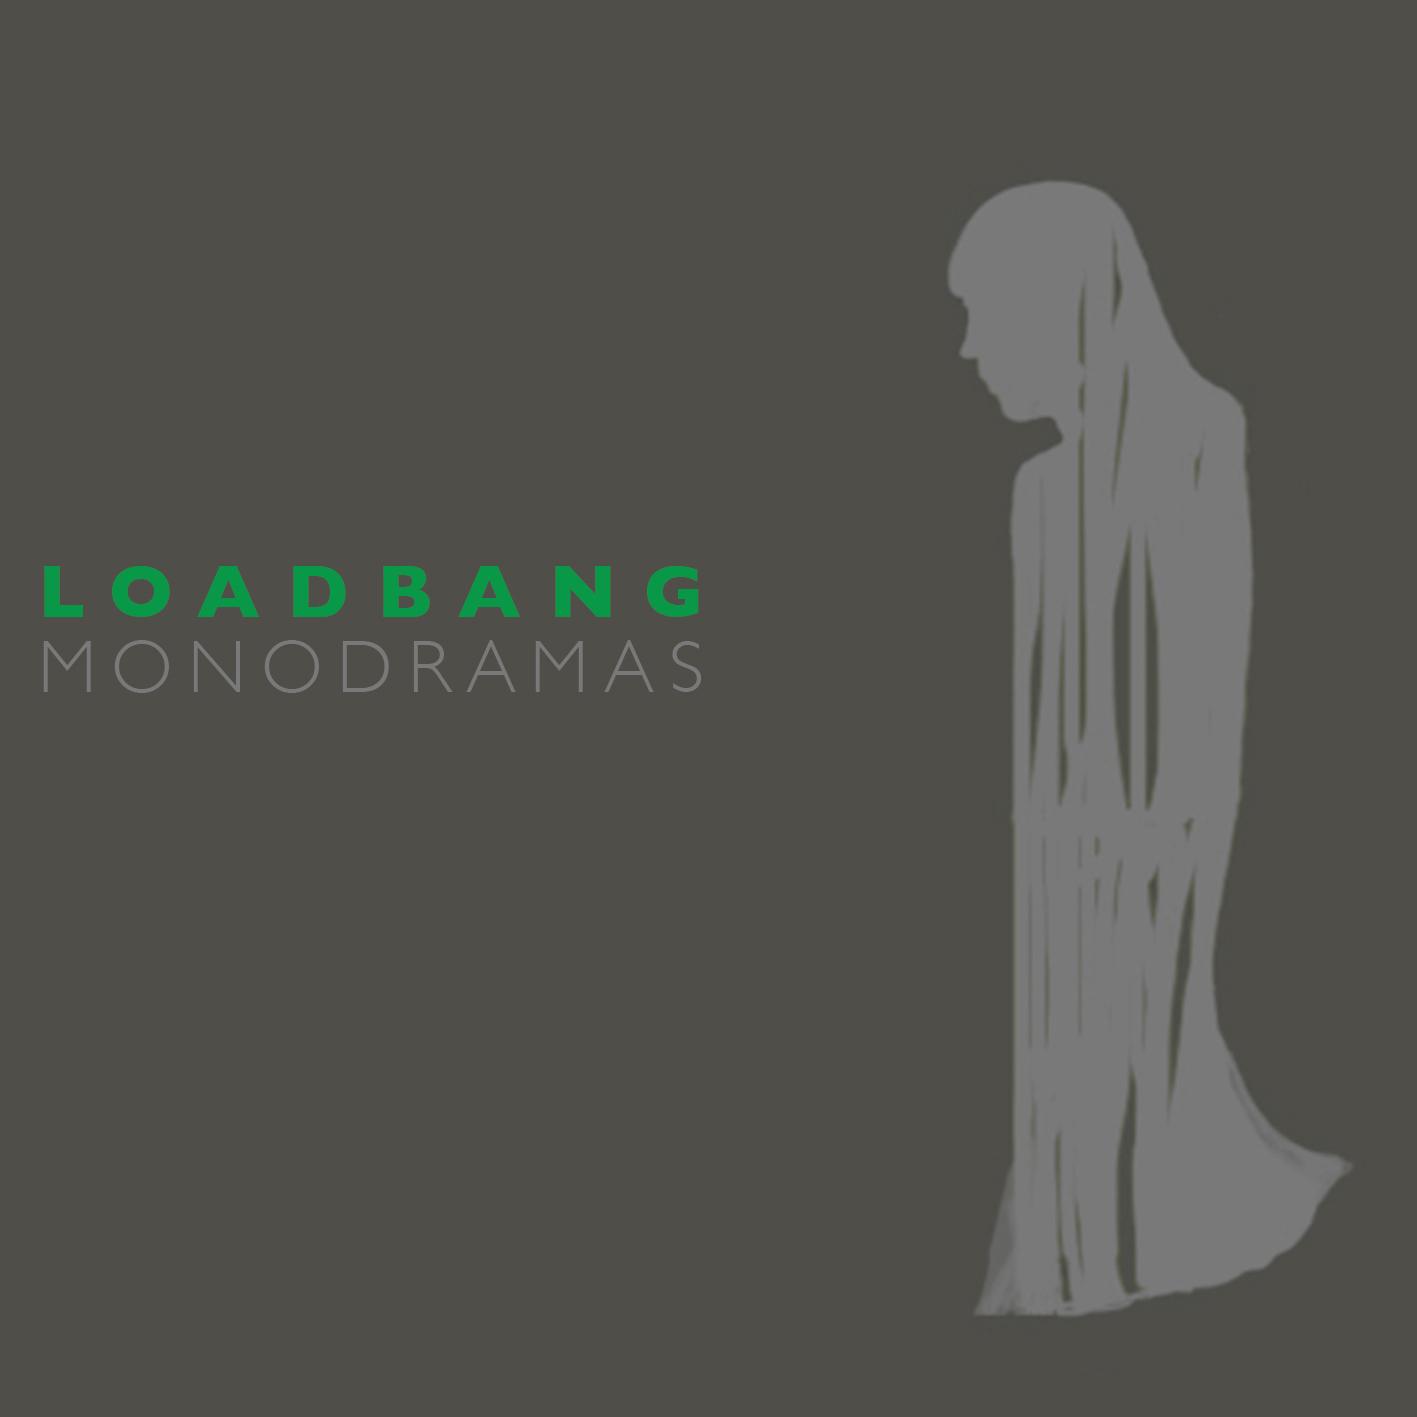 monodramas